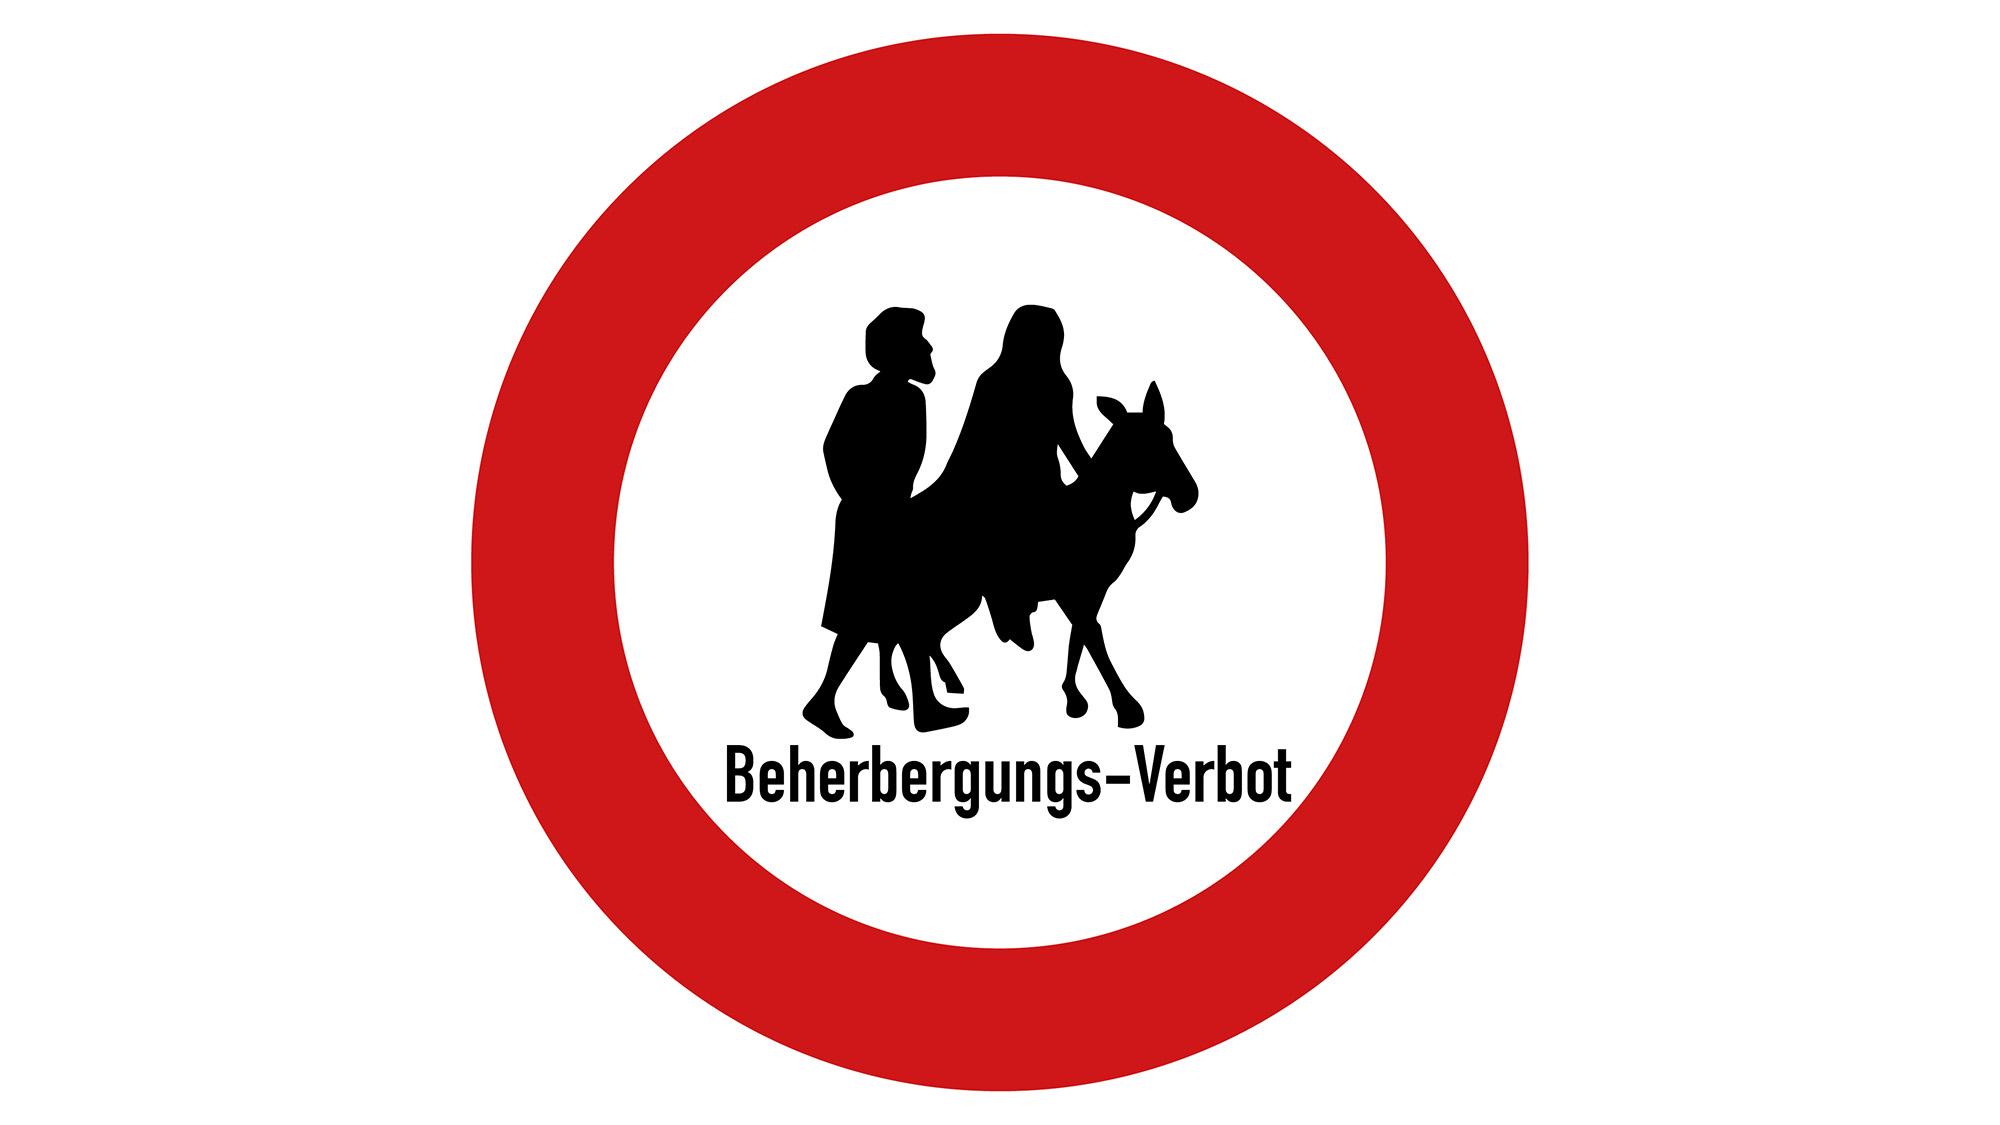 #12: Beherbergungs-Verbot